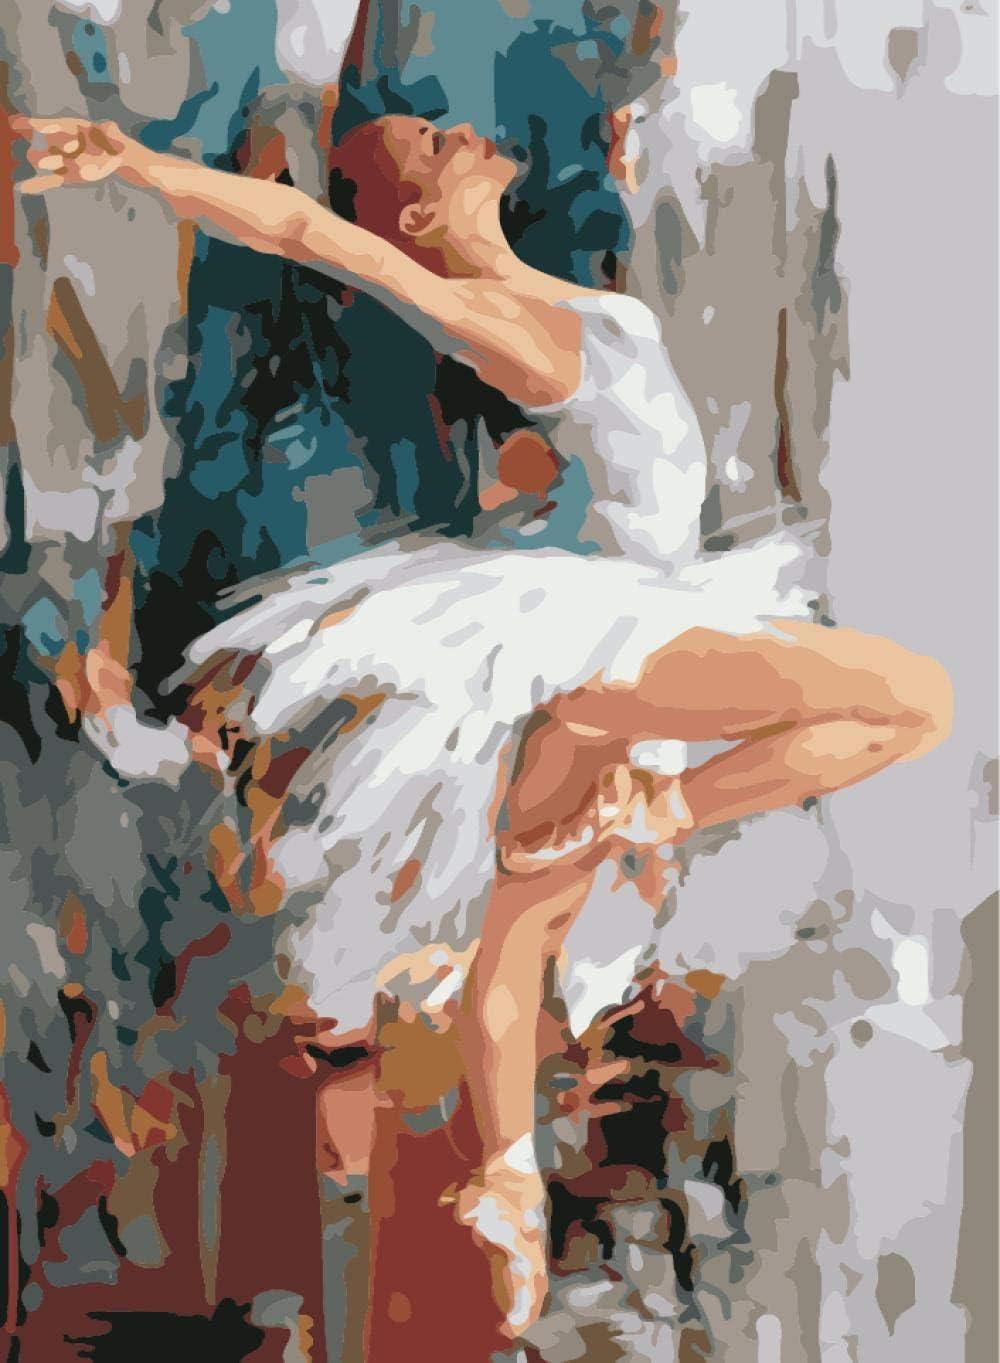 Pintar por Numeros Bailarina De Ballet Sexy con Pintura Acrílica para Decoración del Hogar Pintar por Números para Niños Adultos Kit Sin Marco 40,6X50,8 Cm